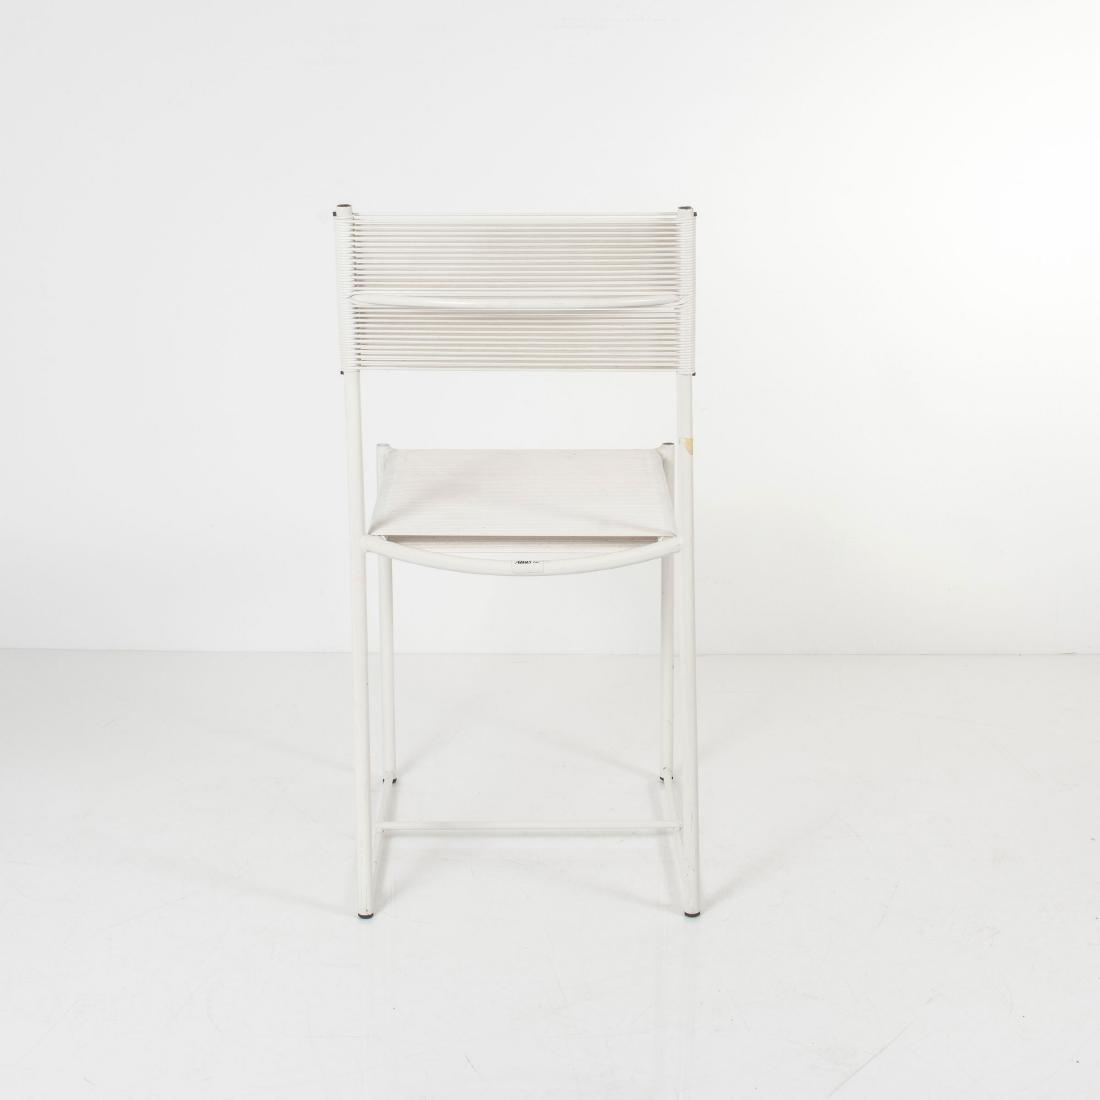 'Spaghetti chair', 1979 - 4